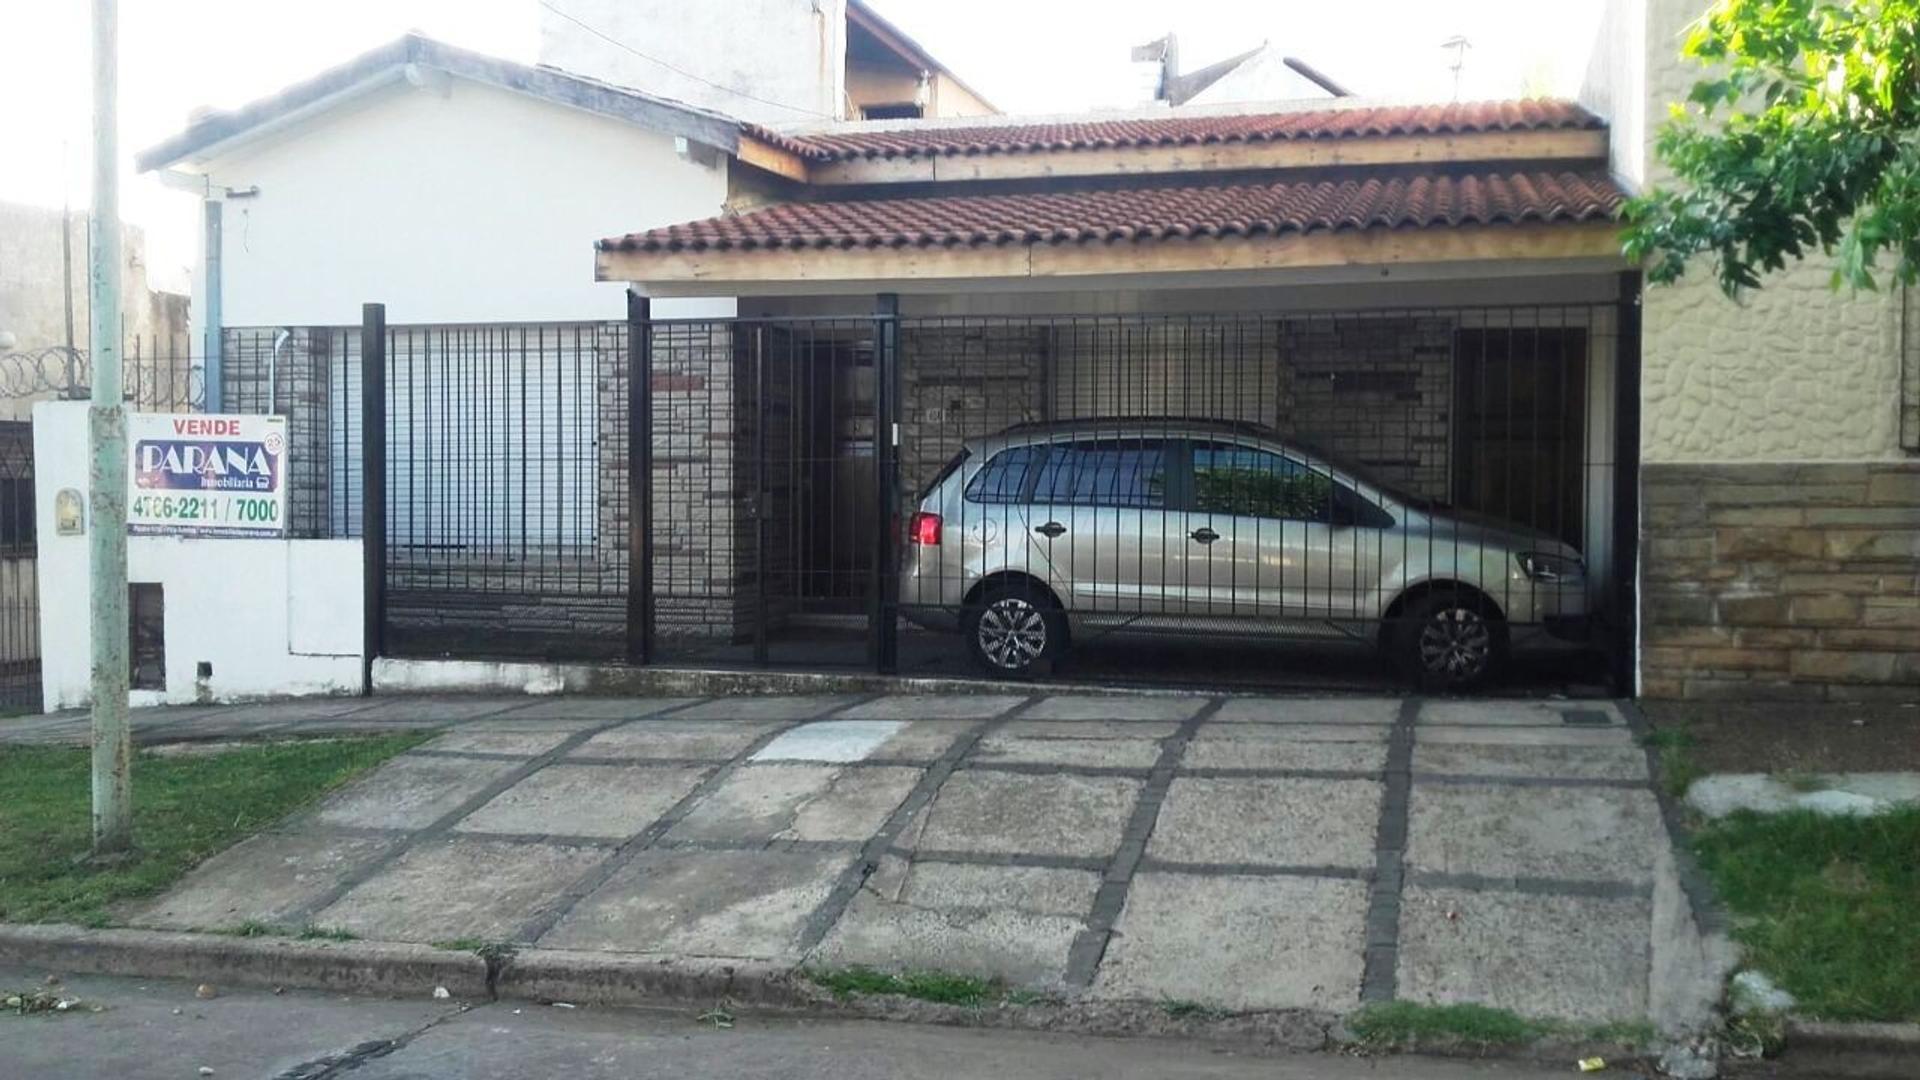 CHALET 3 DORMITORIOS Y DEPTO DE 2 AMBIENTES AL FONDO, ZONA JUMBO